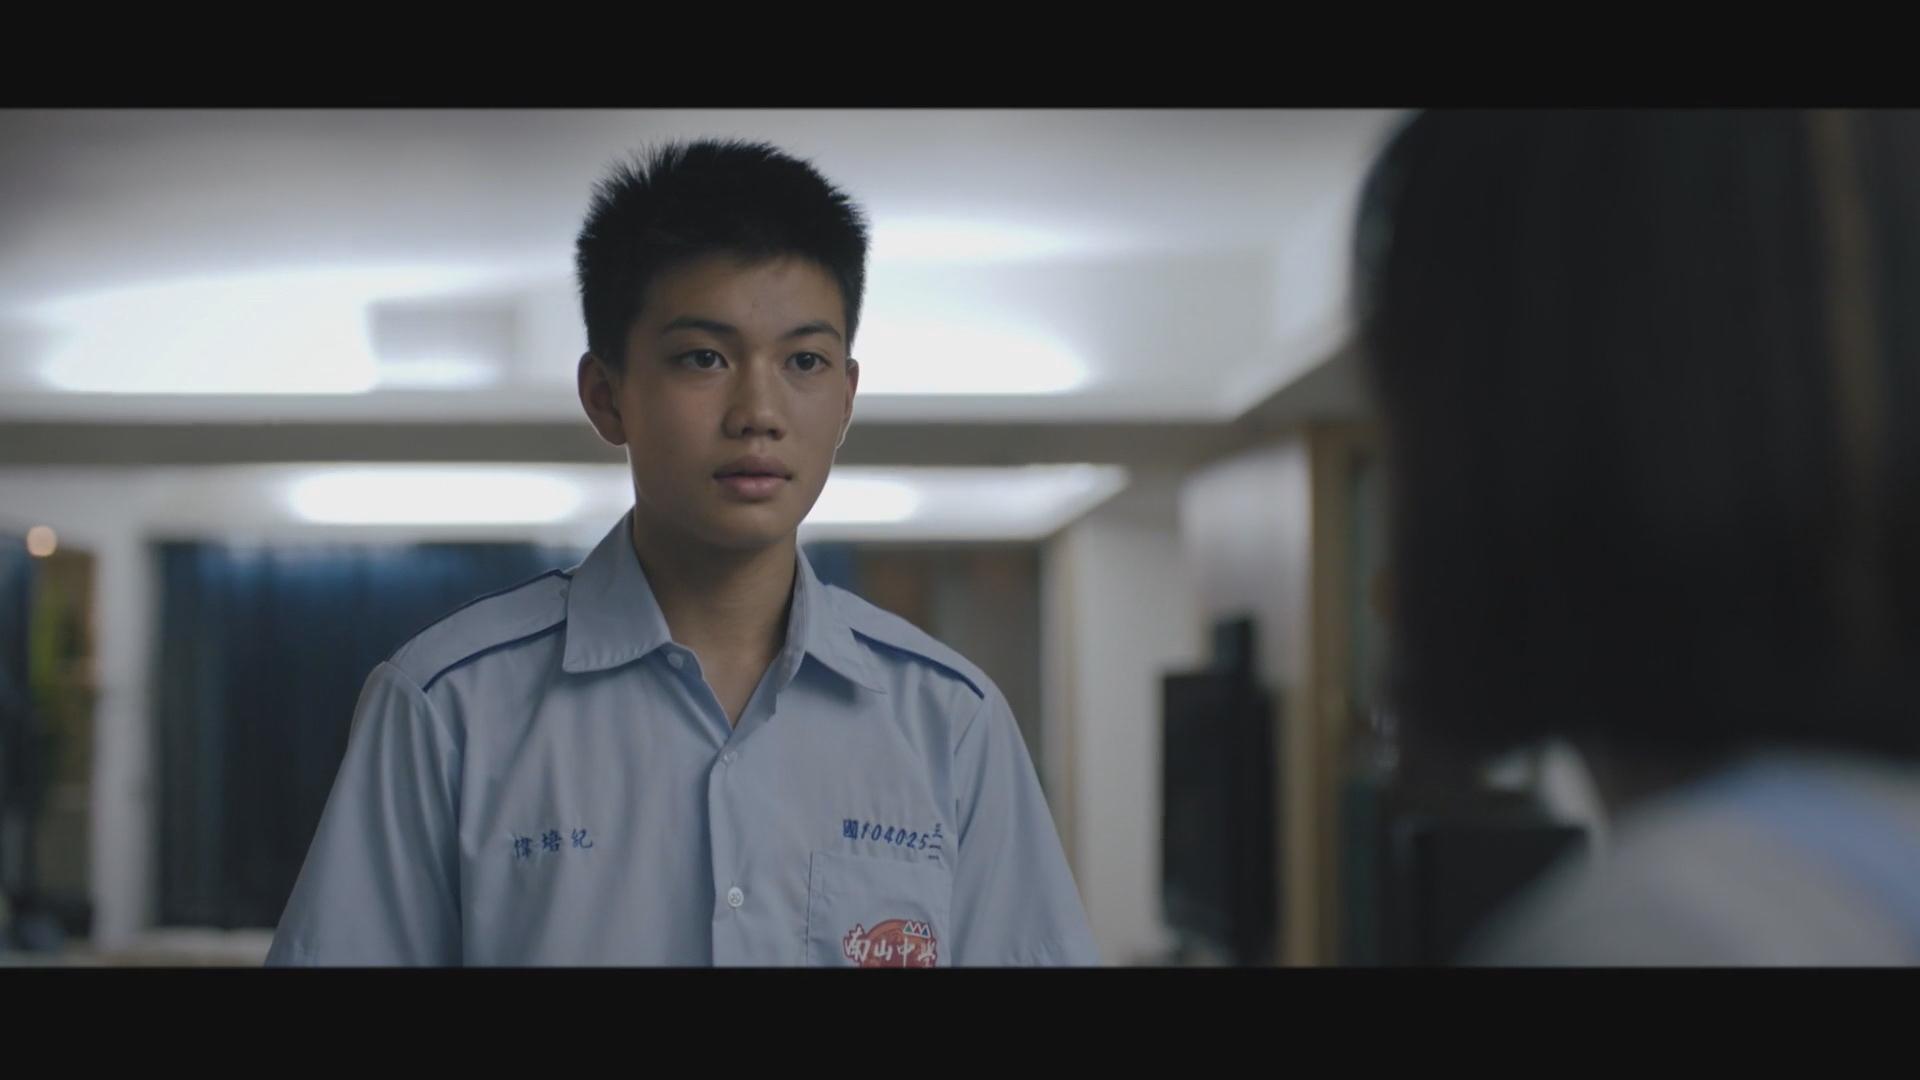 儿子成金钟新演员遗珠 刘亮佐失落两天